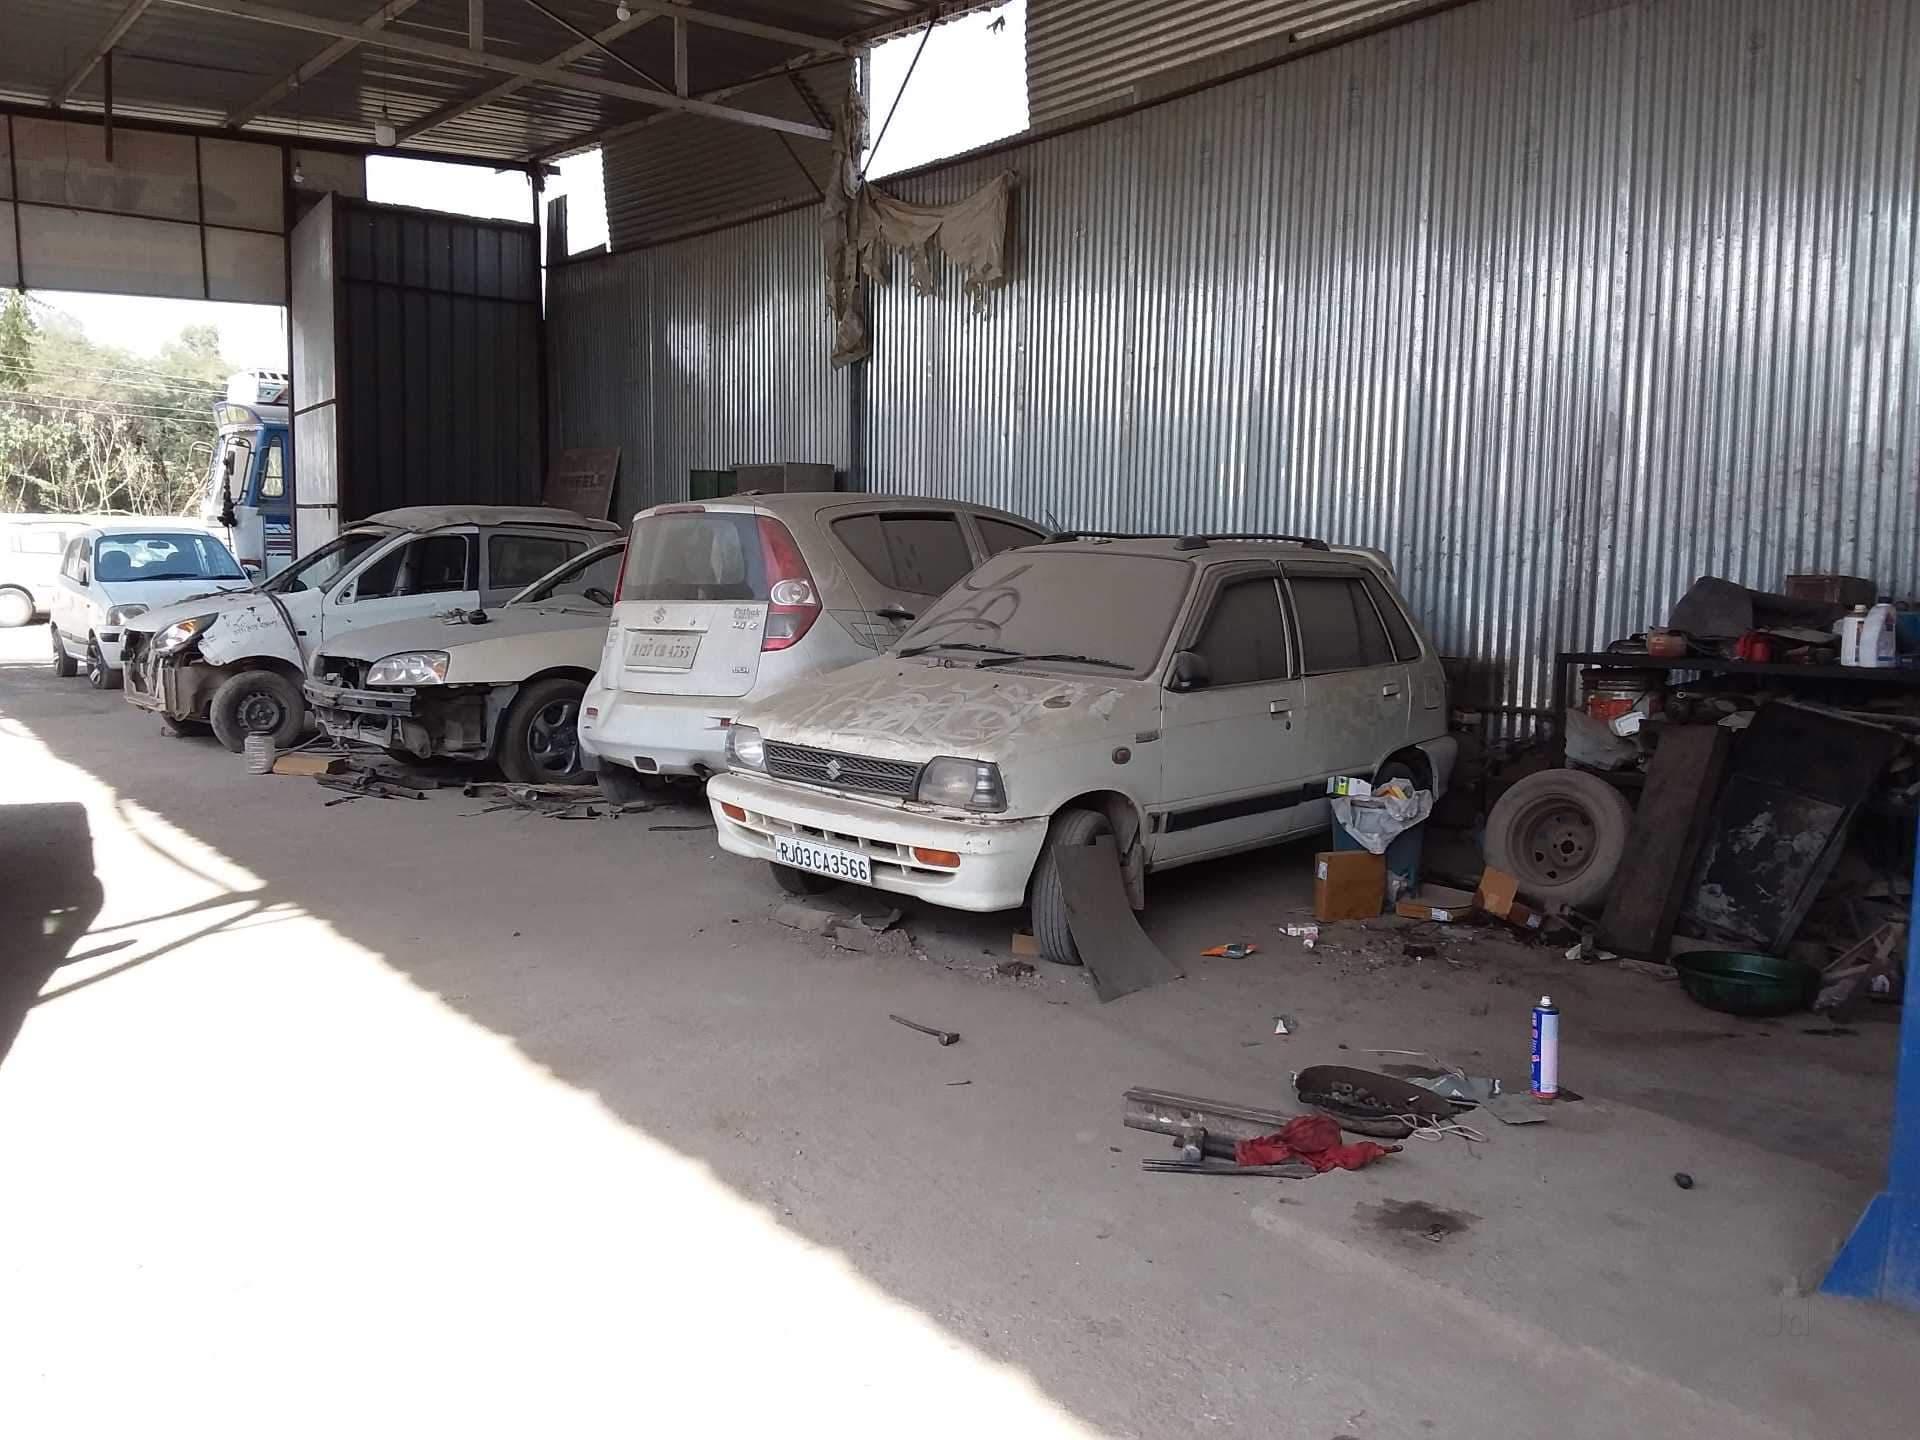 Top 100 Car Repair & Services in Udaipur Rajasthan - Best